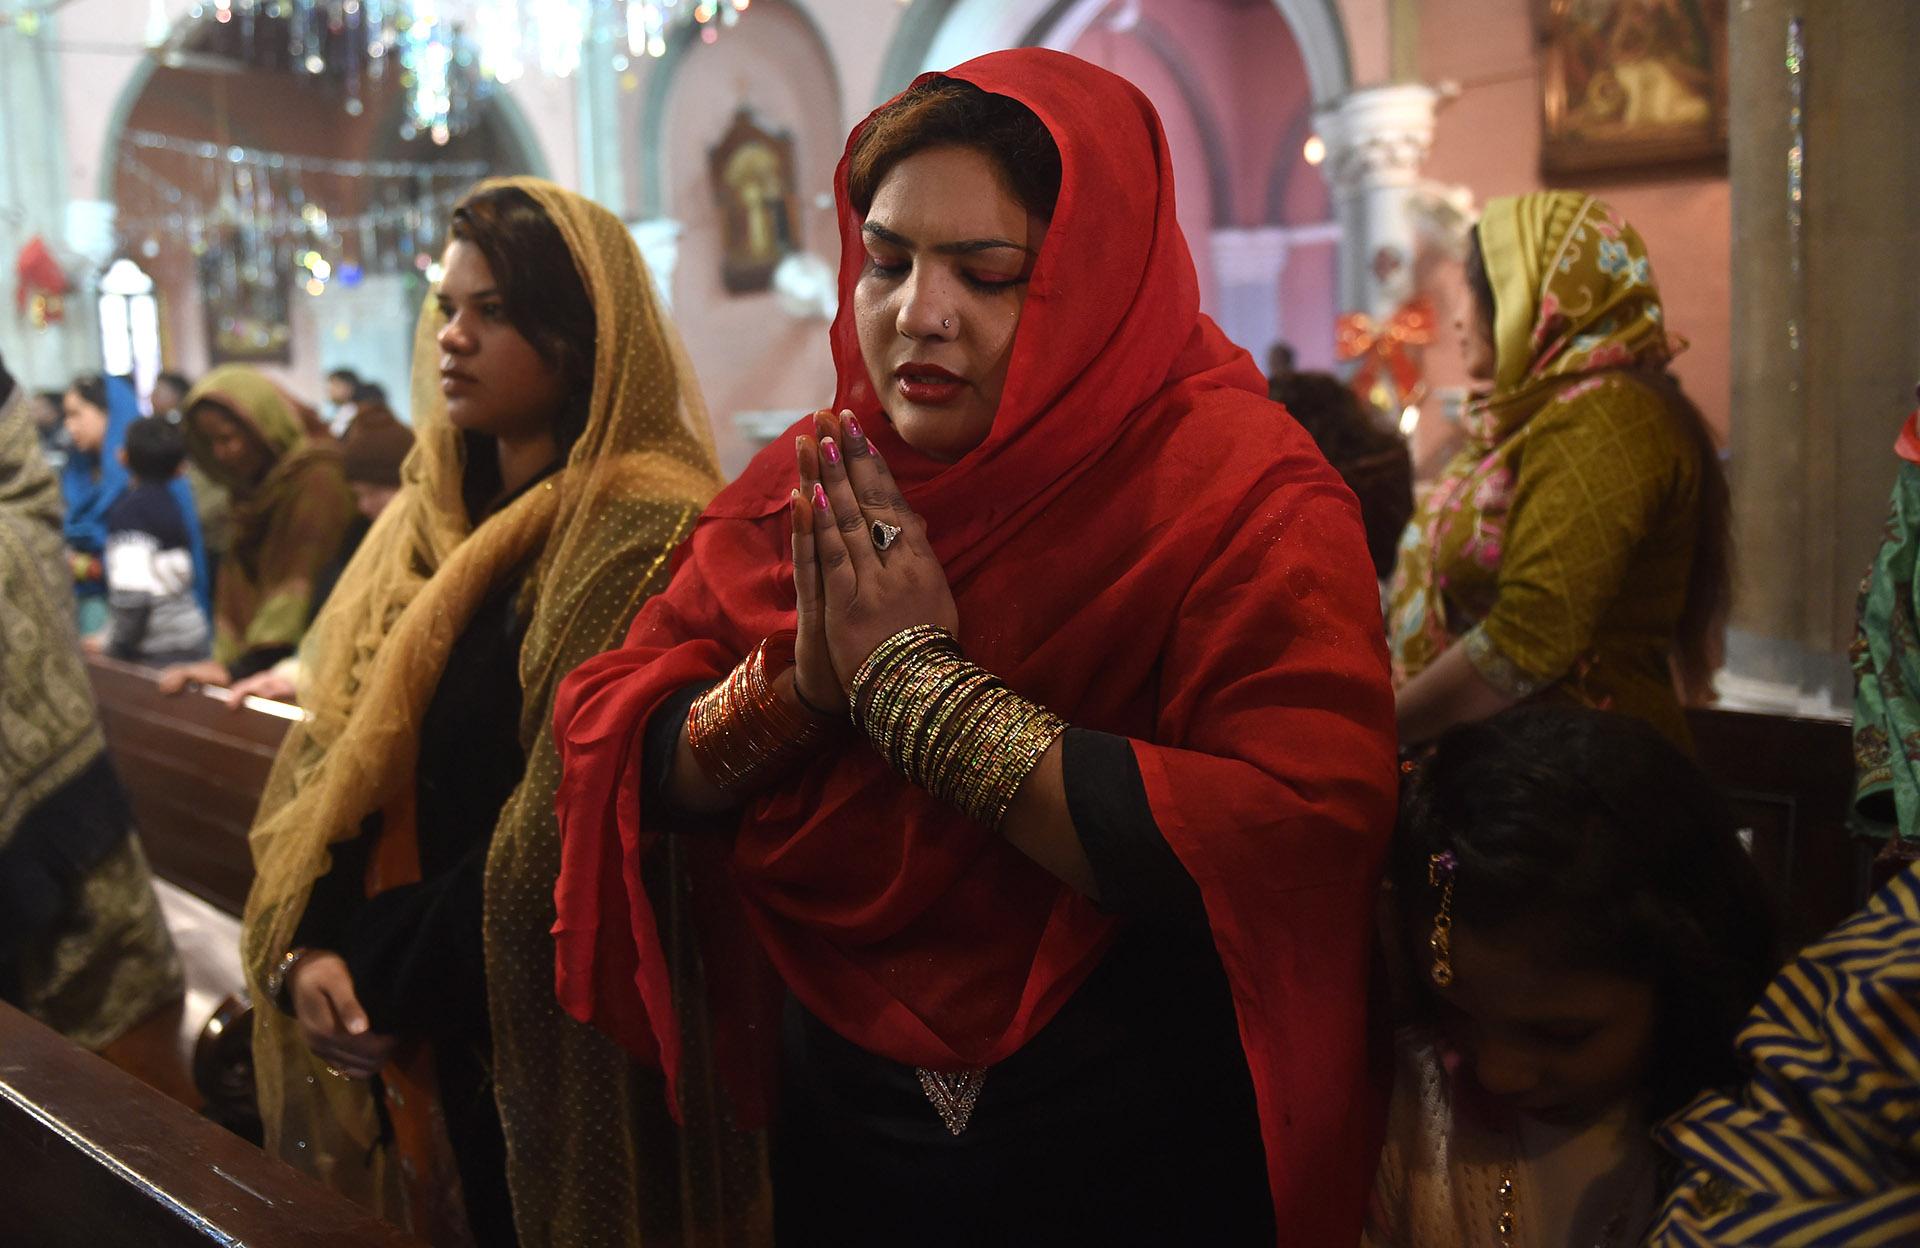 Cristianos paquistaníes en la misa del 25 de diciembre en Lahore